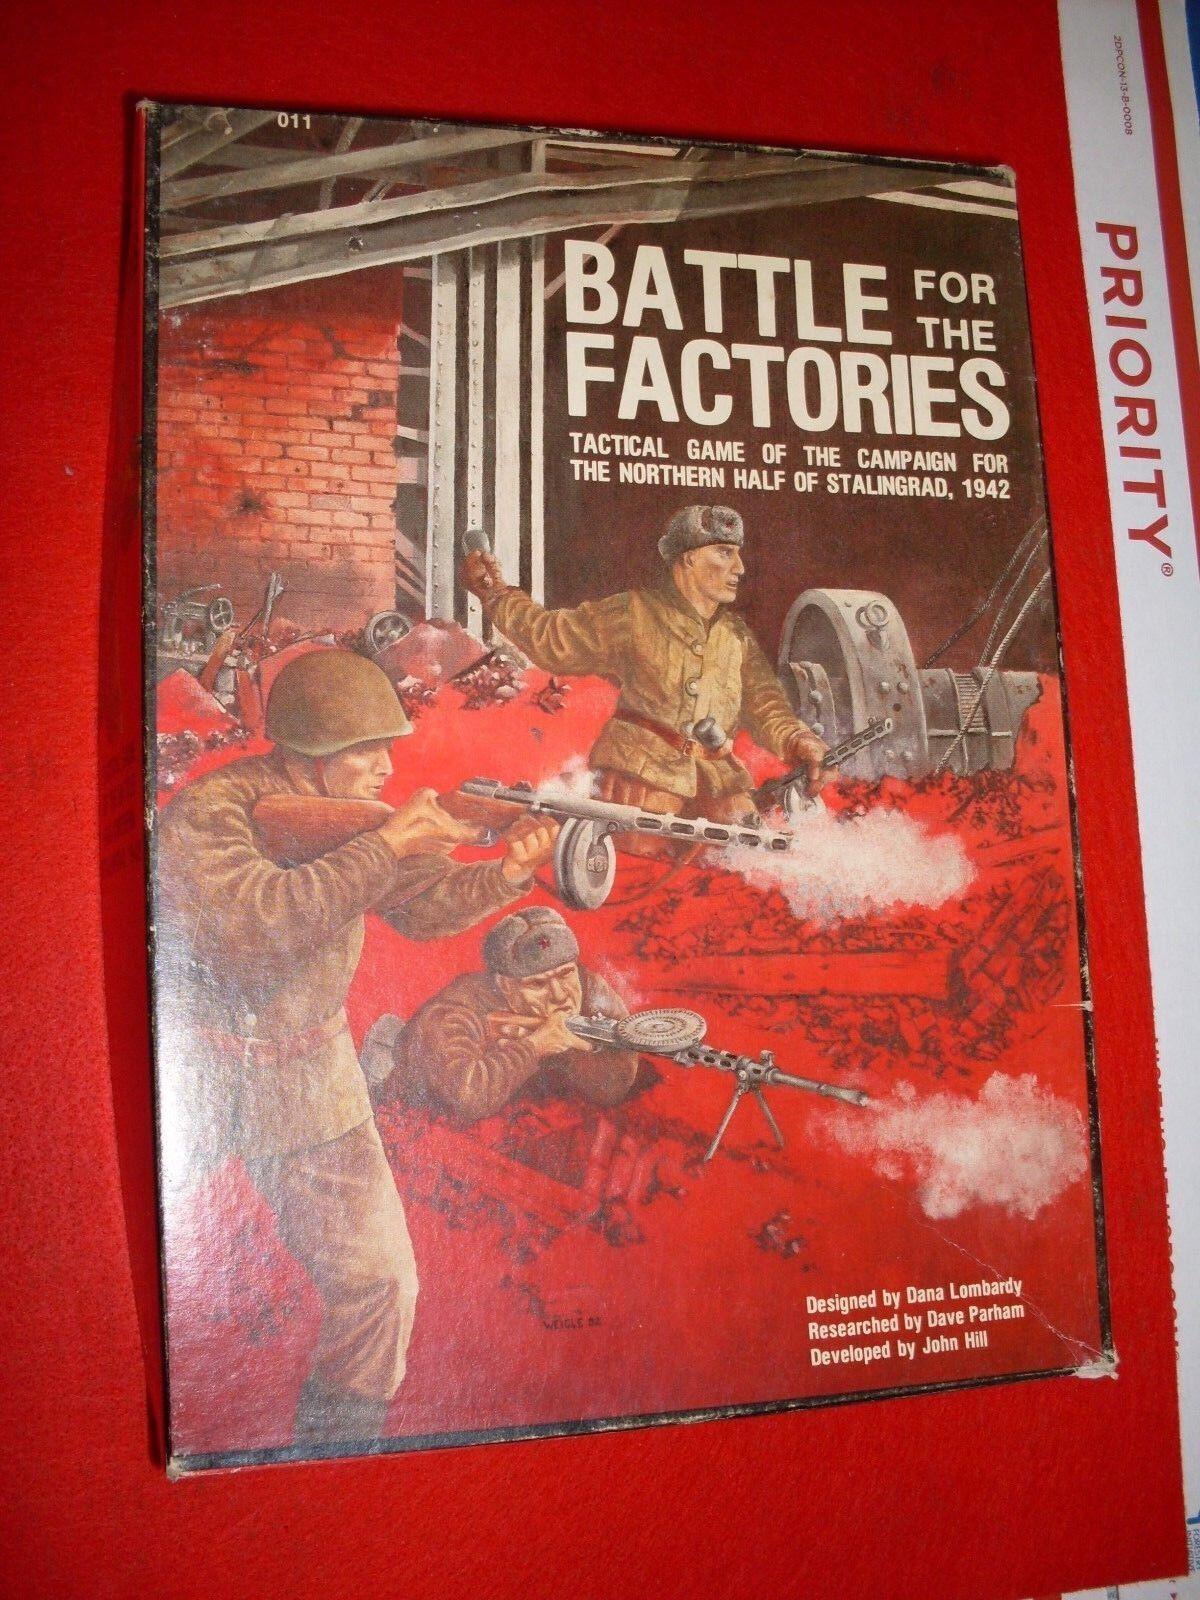 Bataille pour les usines-Campagne pour la moitié nord de Stalingrad 1942 Presque comme neuf